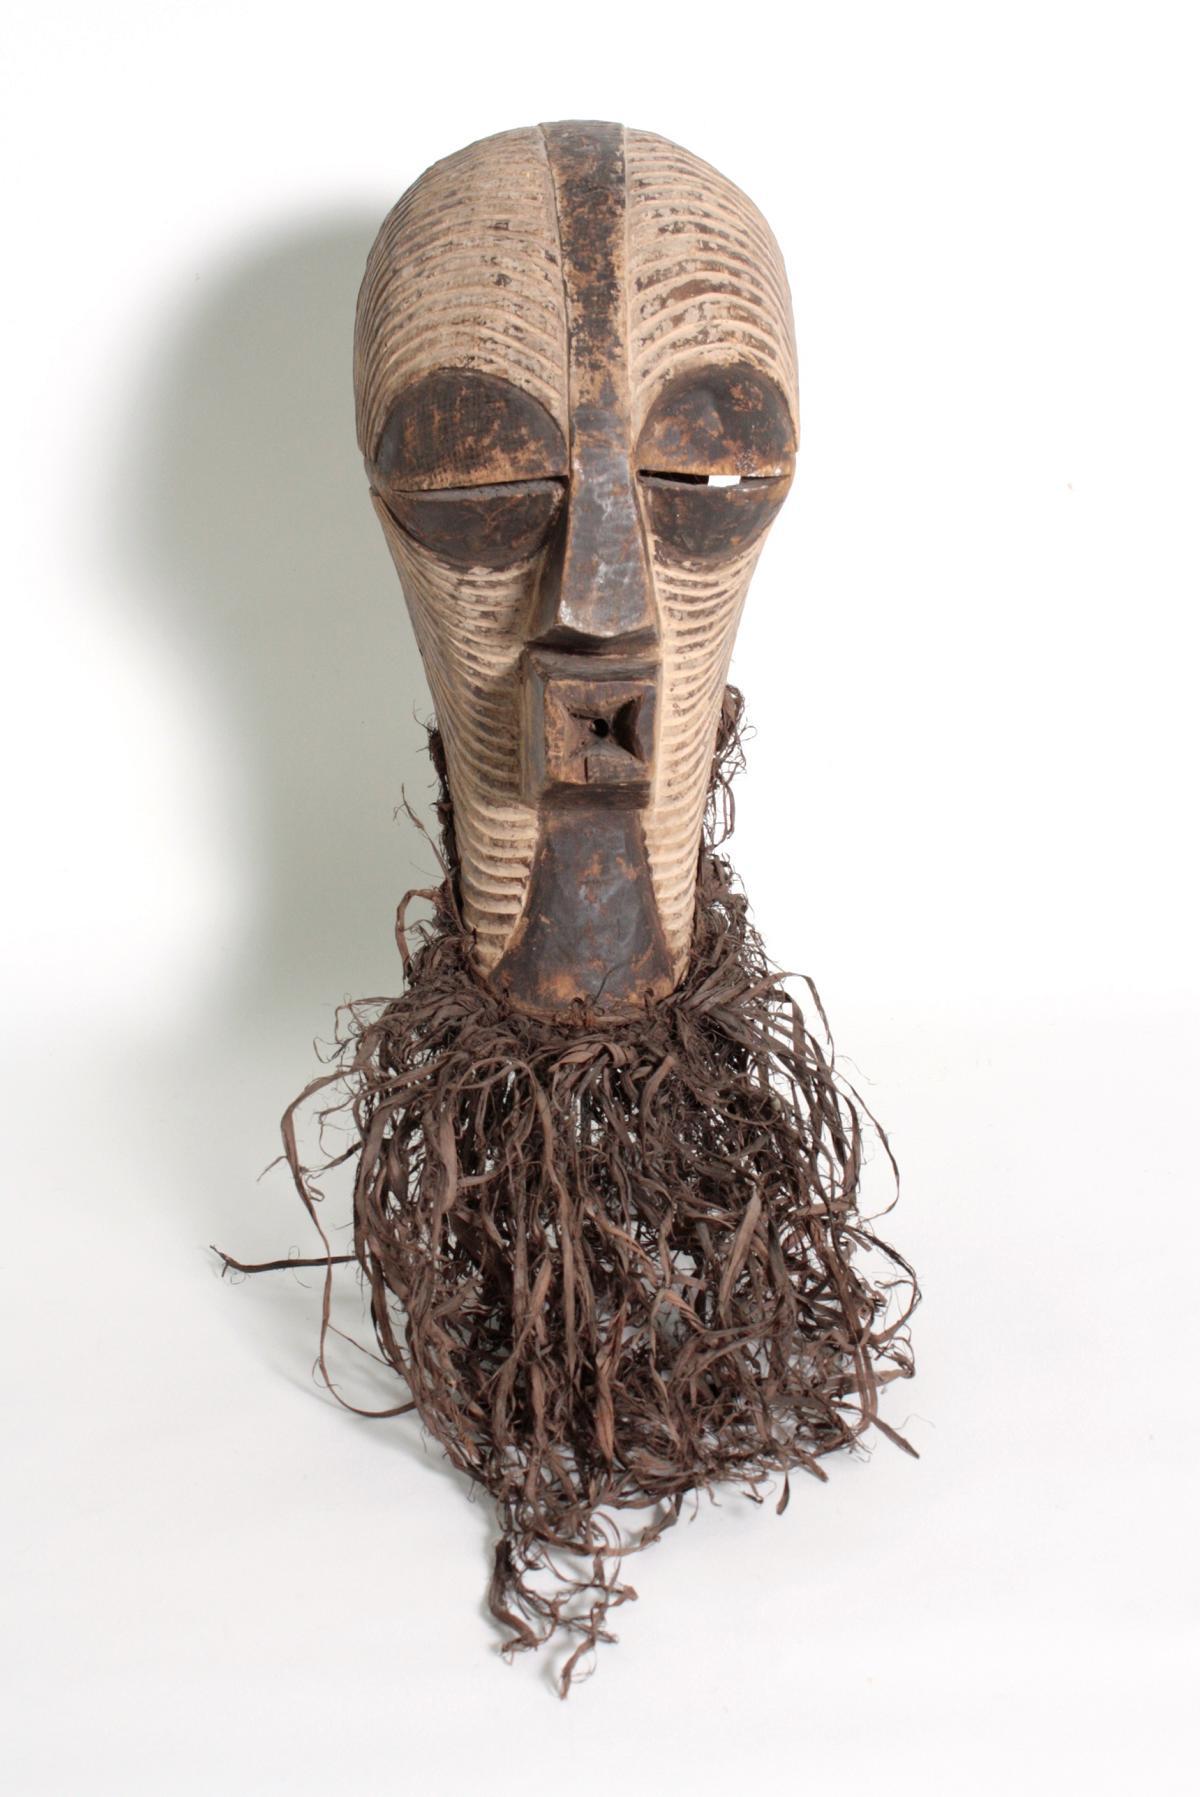 Weibliche Kifwebe-Maske 'kikashi', Kongo/Songe,  1. Hälfte 20. Jh